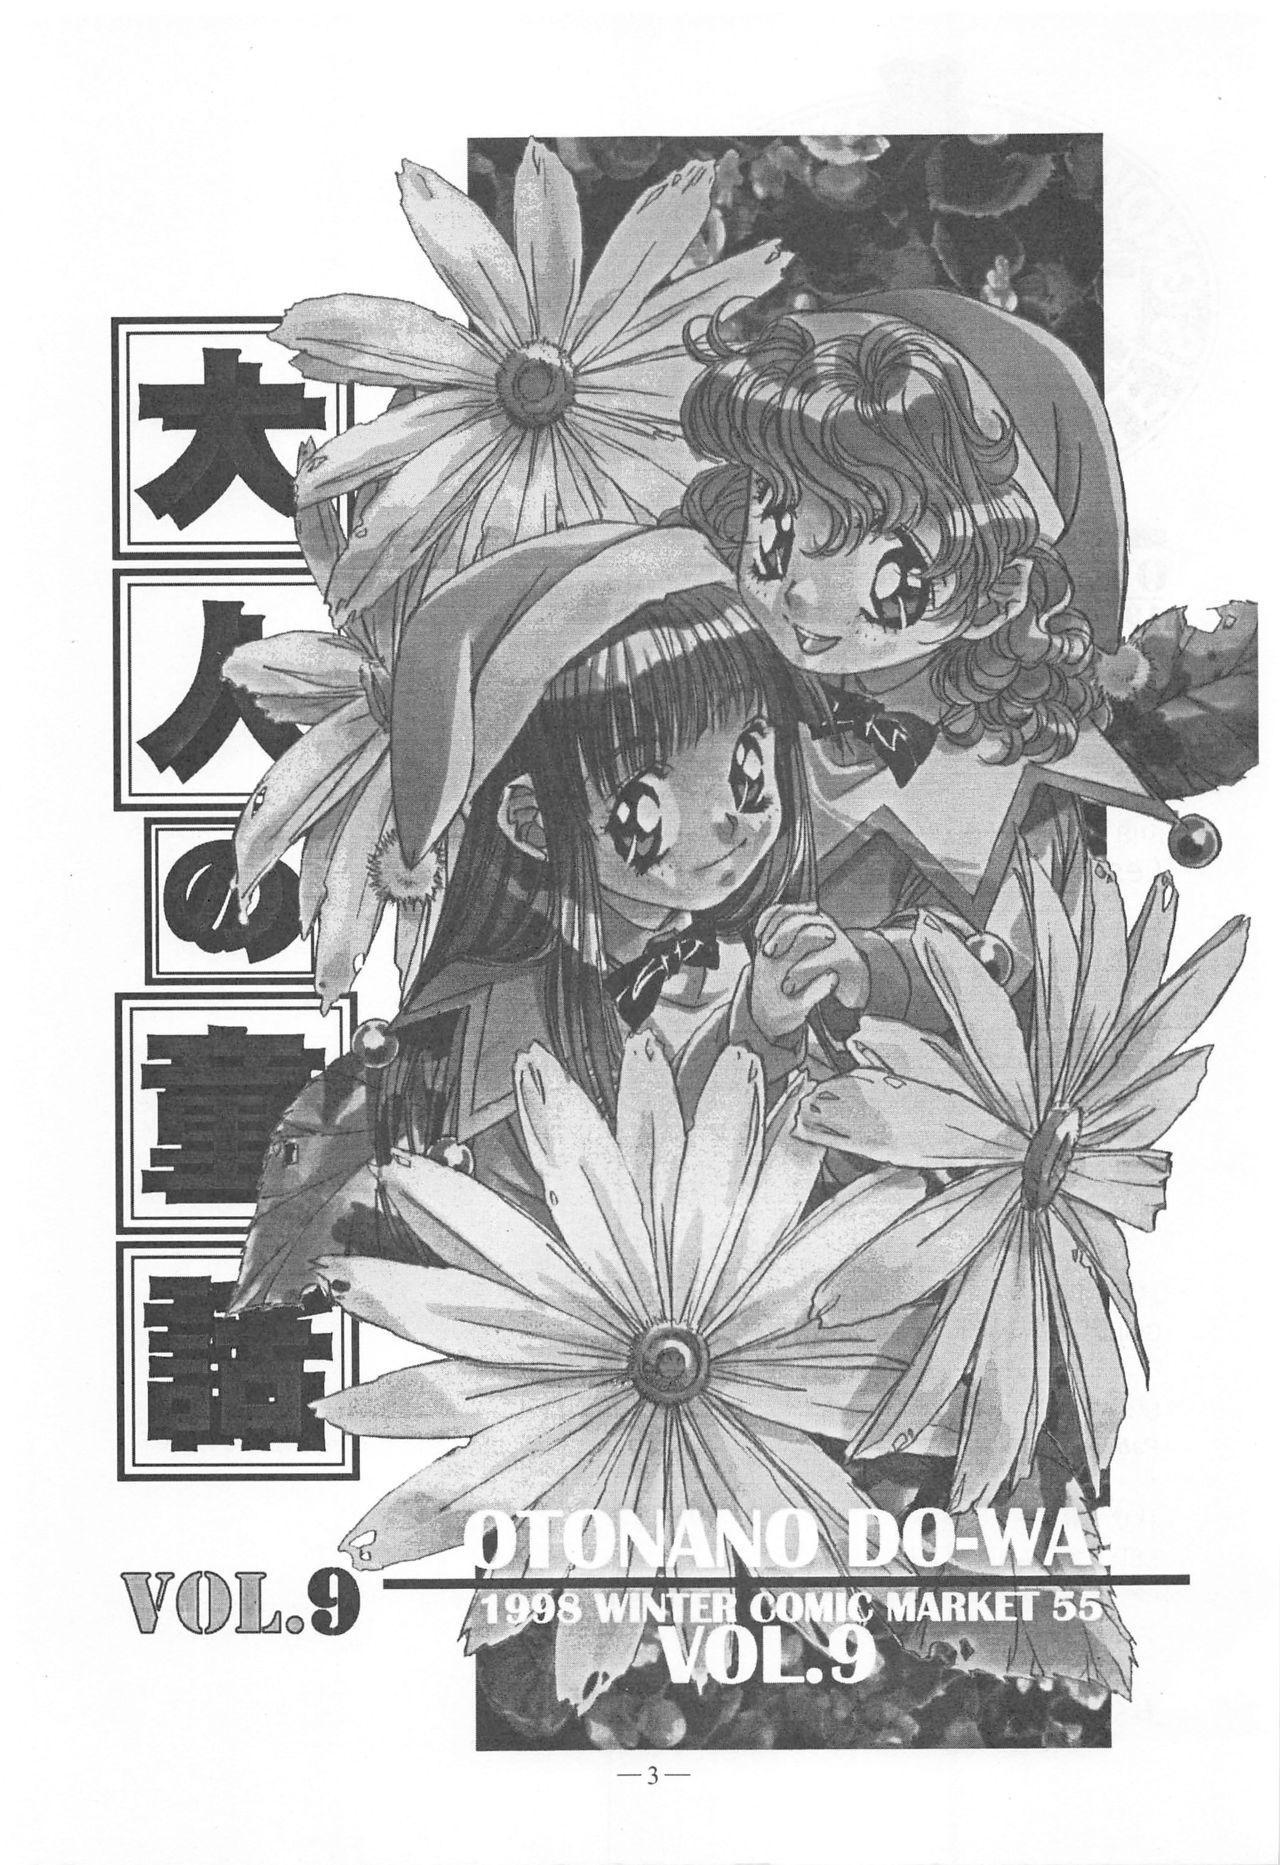 Otonano Do-wa Vol. 9 1